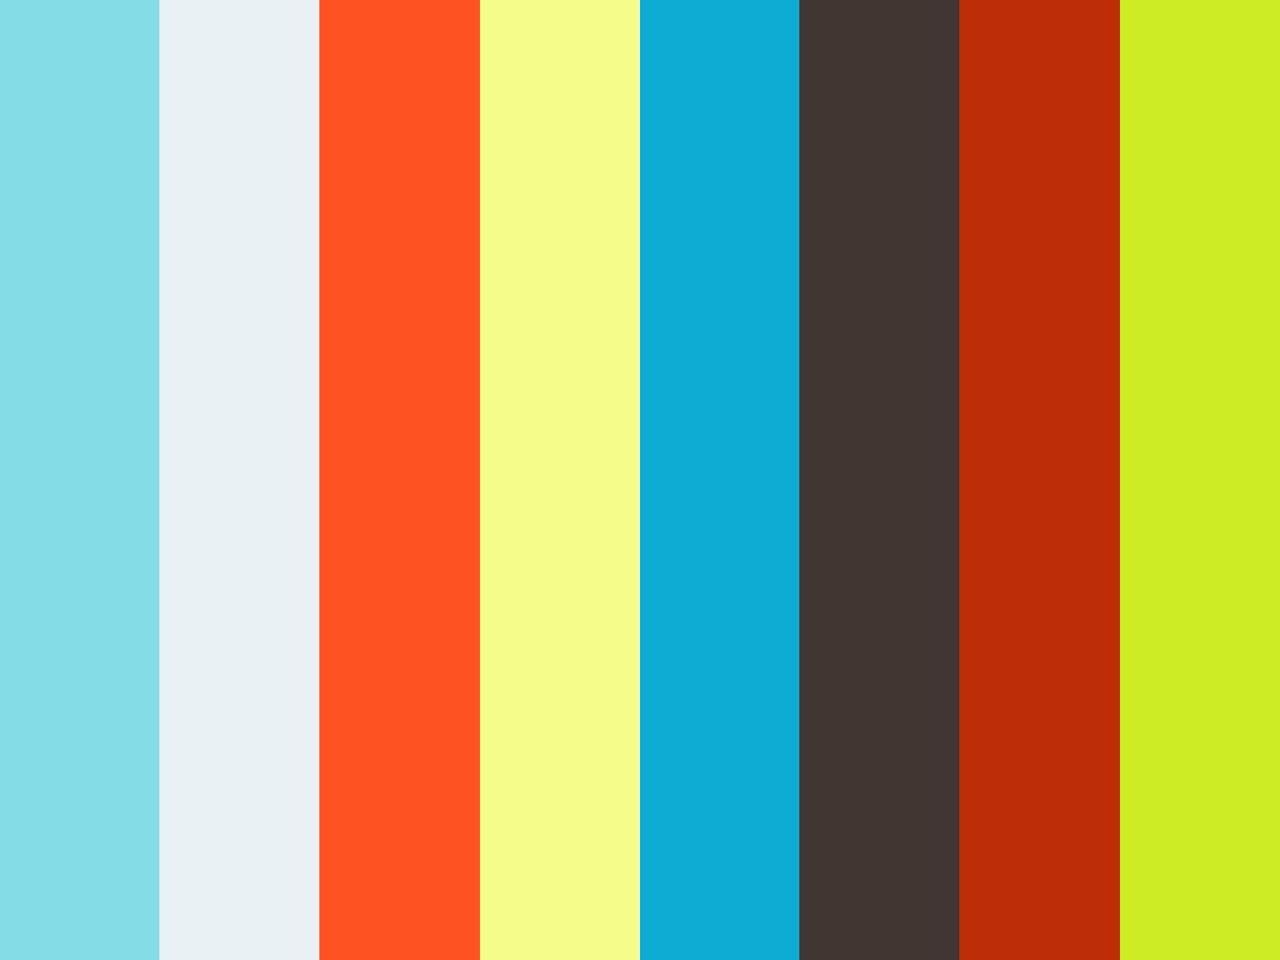 Consumer segmentation | Segment 05